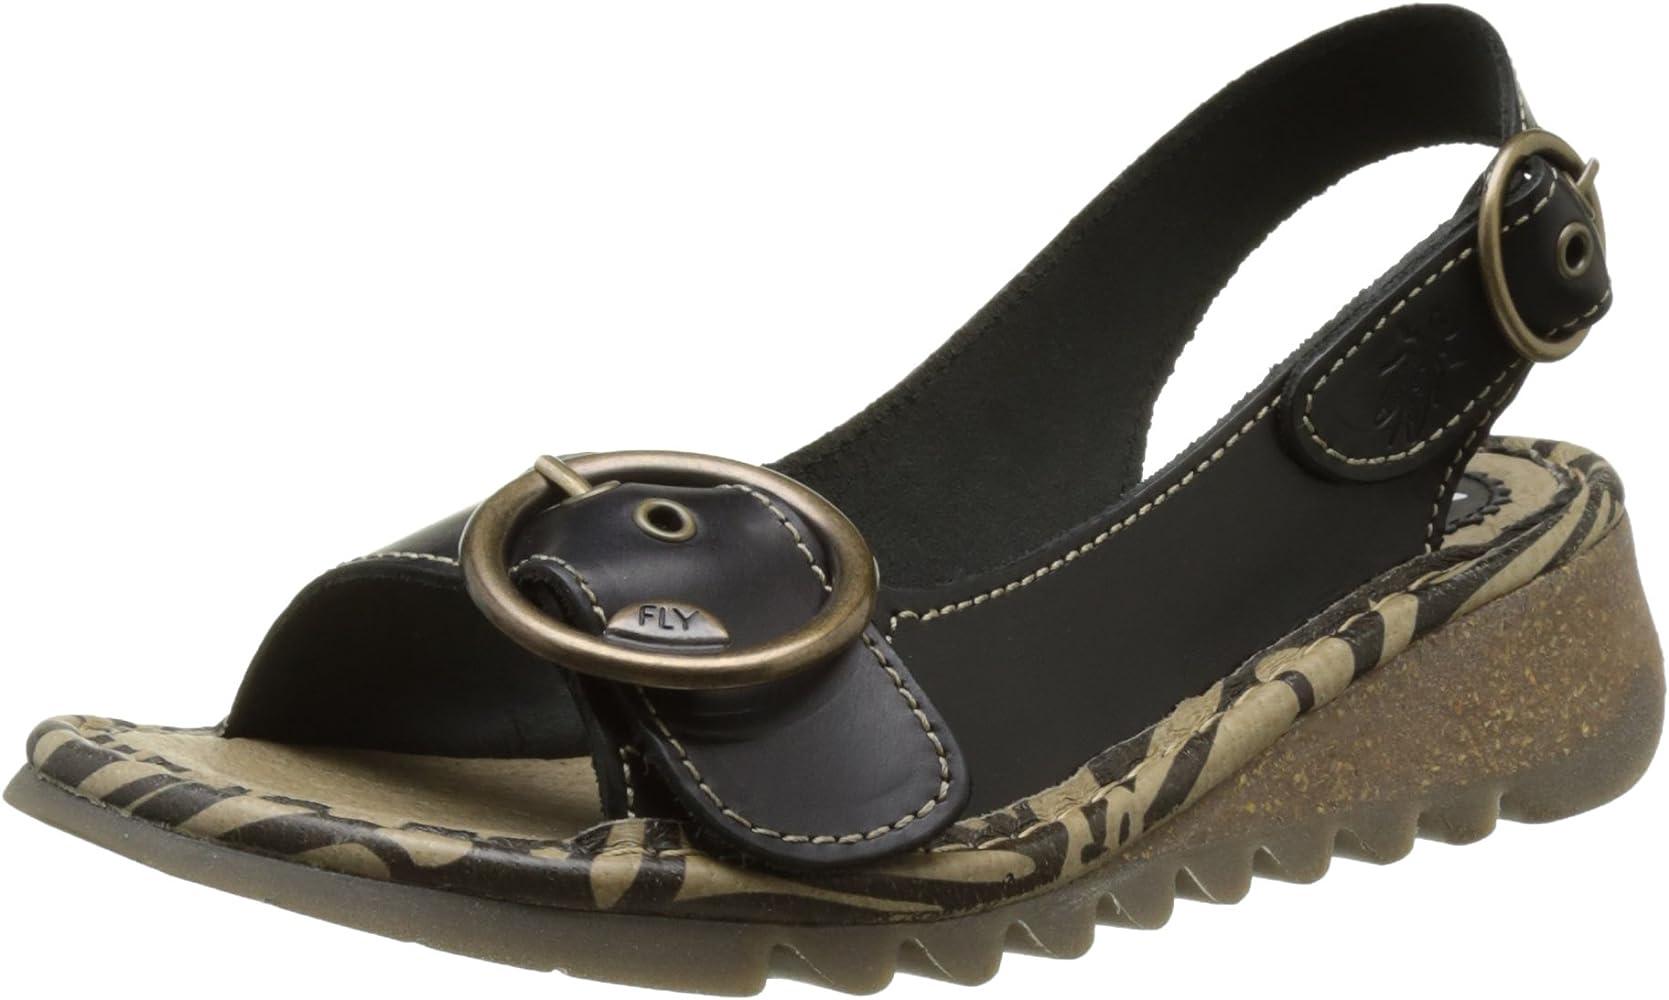 3af47635307ab Fly London Women's TRAM723FLY Sling Back Sandals, Black 000, 2.5 UK 35 EU